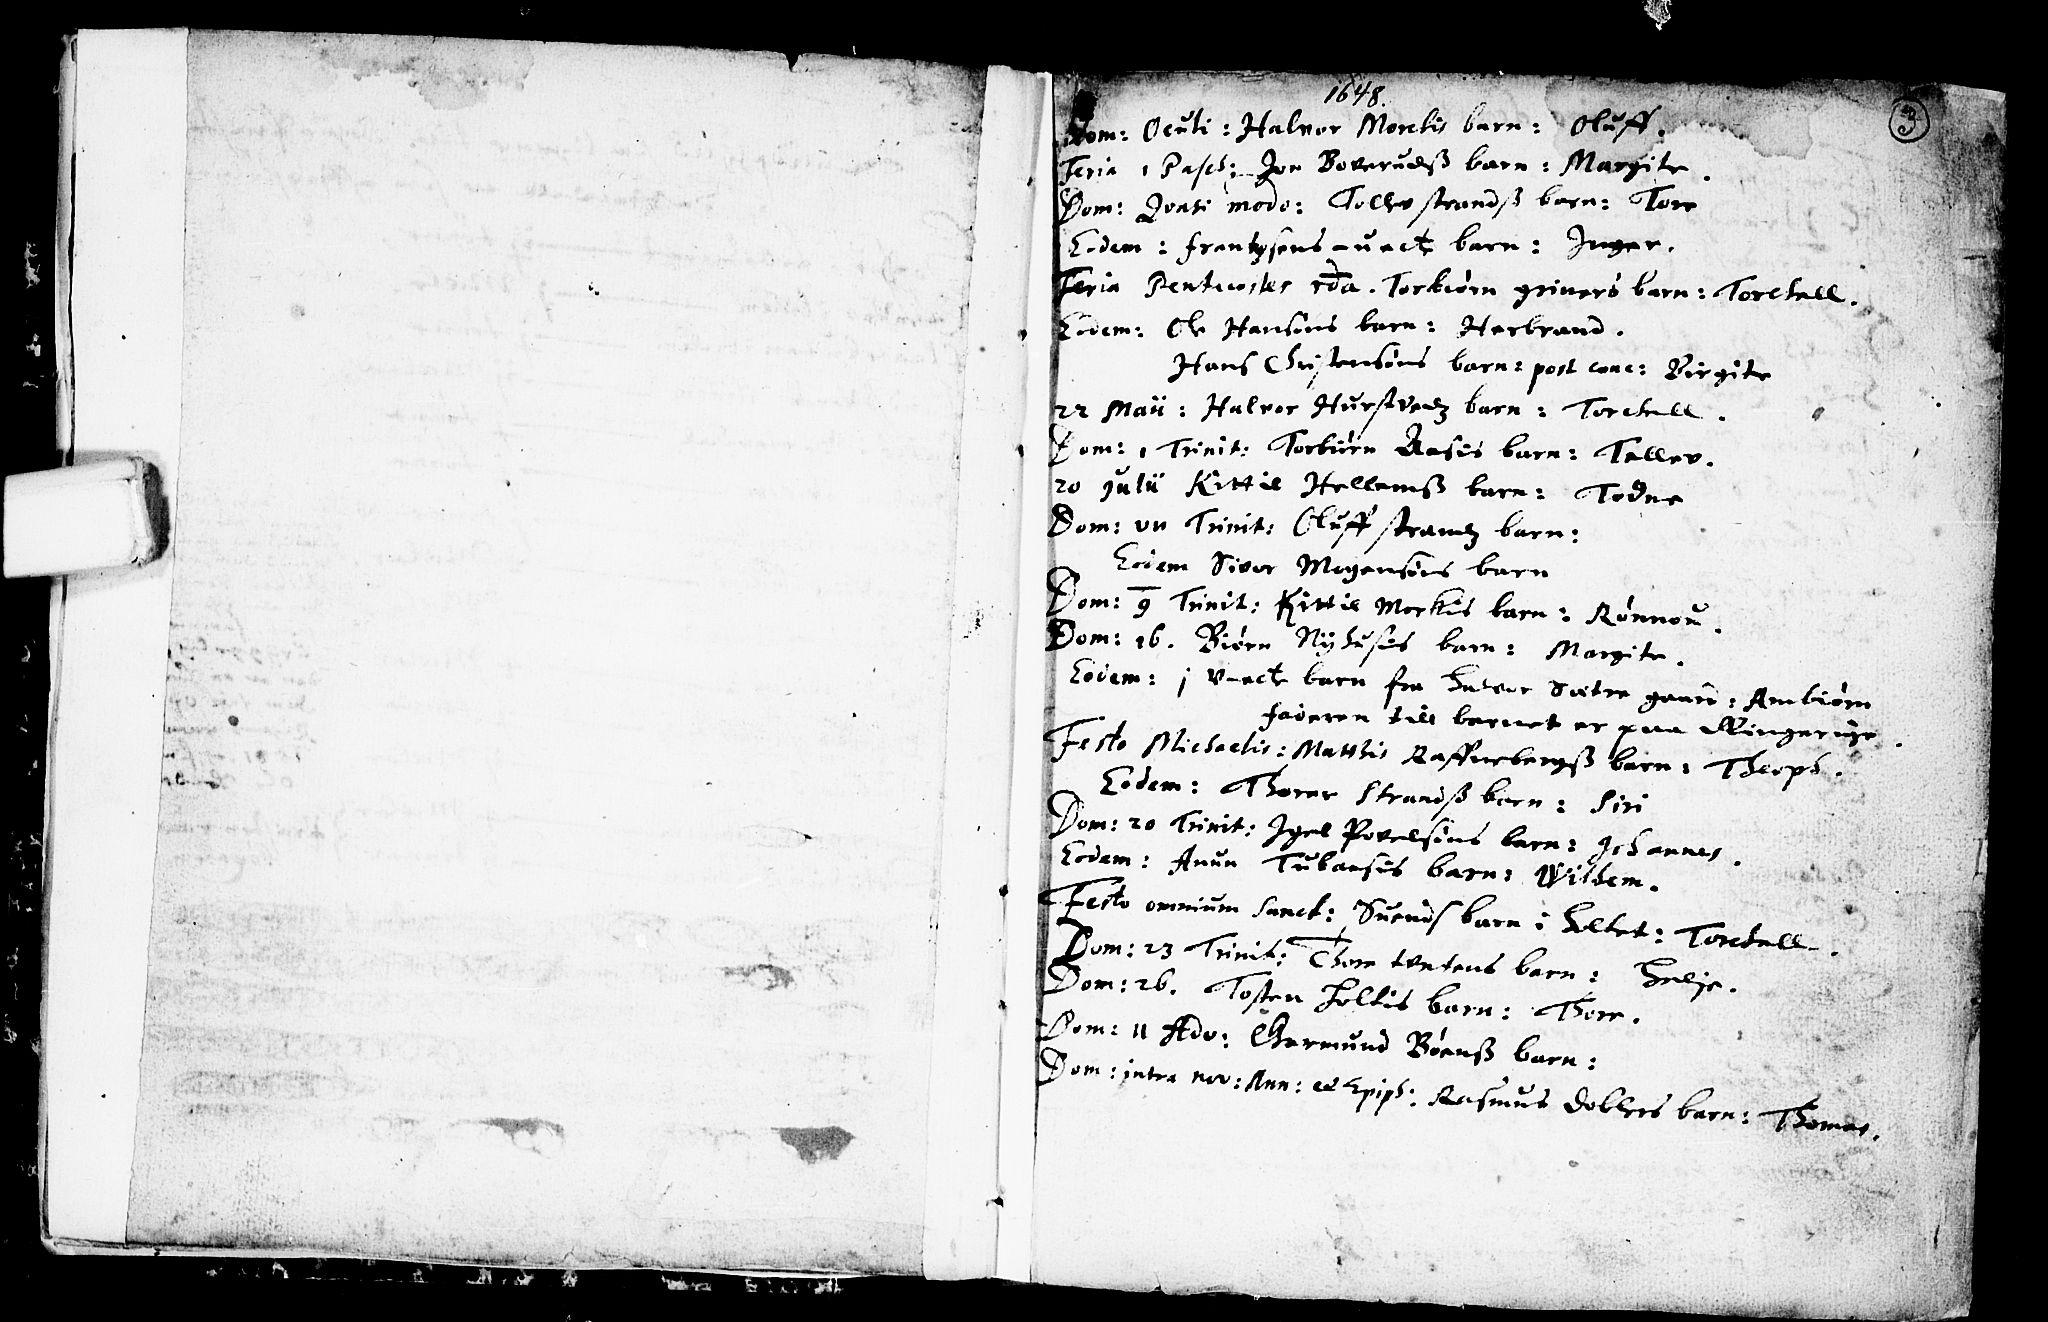 SAKO, Heddal kirkebøker, F/Fa/L0001: Ministerialbok nr. I 1, 1648-1699, s. 3